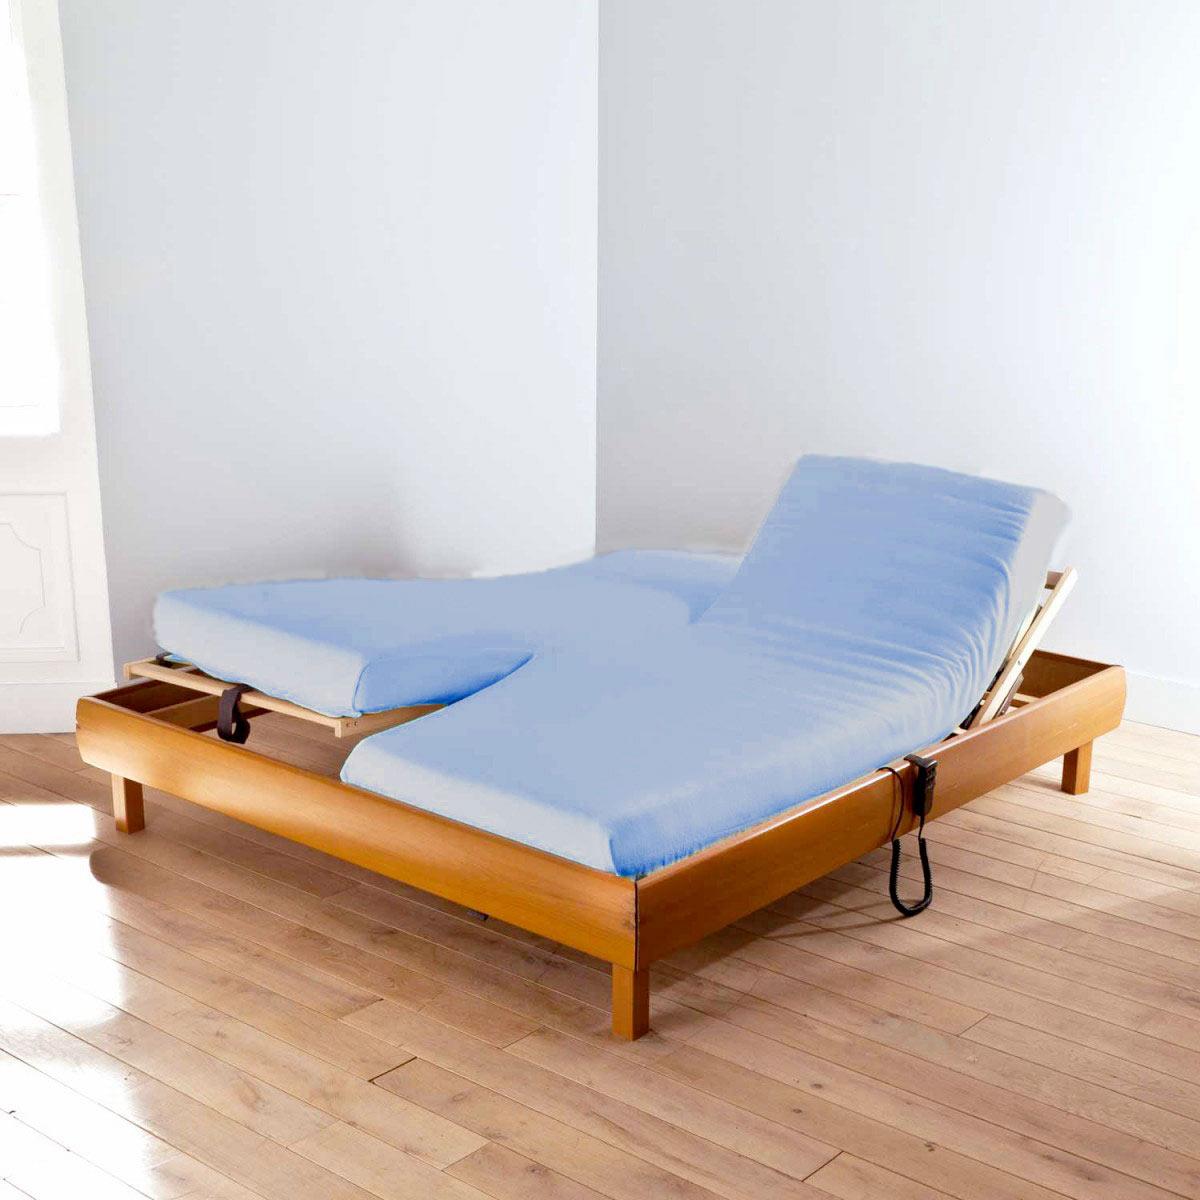 drap housse double uni percale linge de lit de qualit. Black Bedroom Furniture Sets. Home Design Ideas